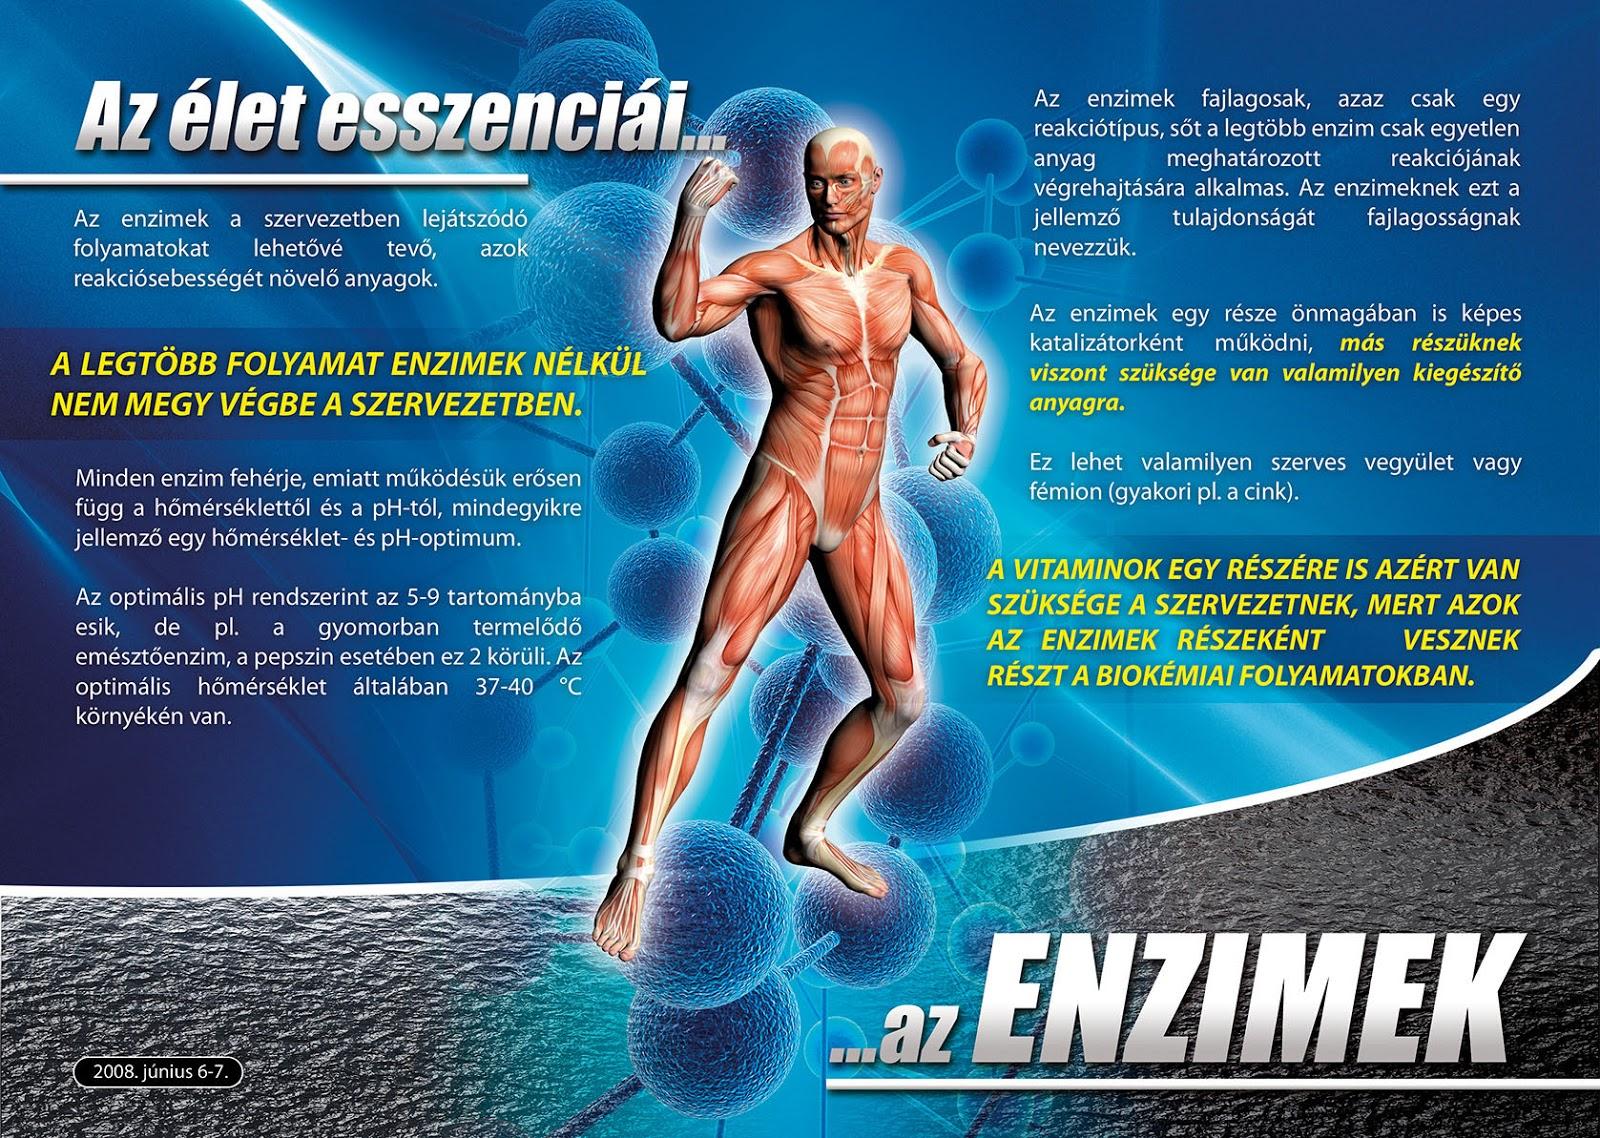 Egy újabb divatdiéta - az enzimdiéta - Napidoktor